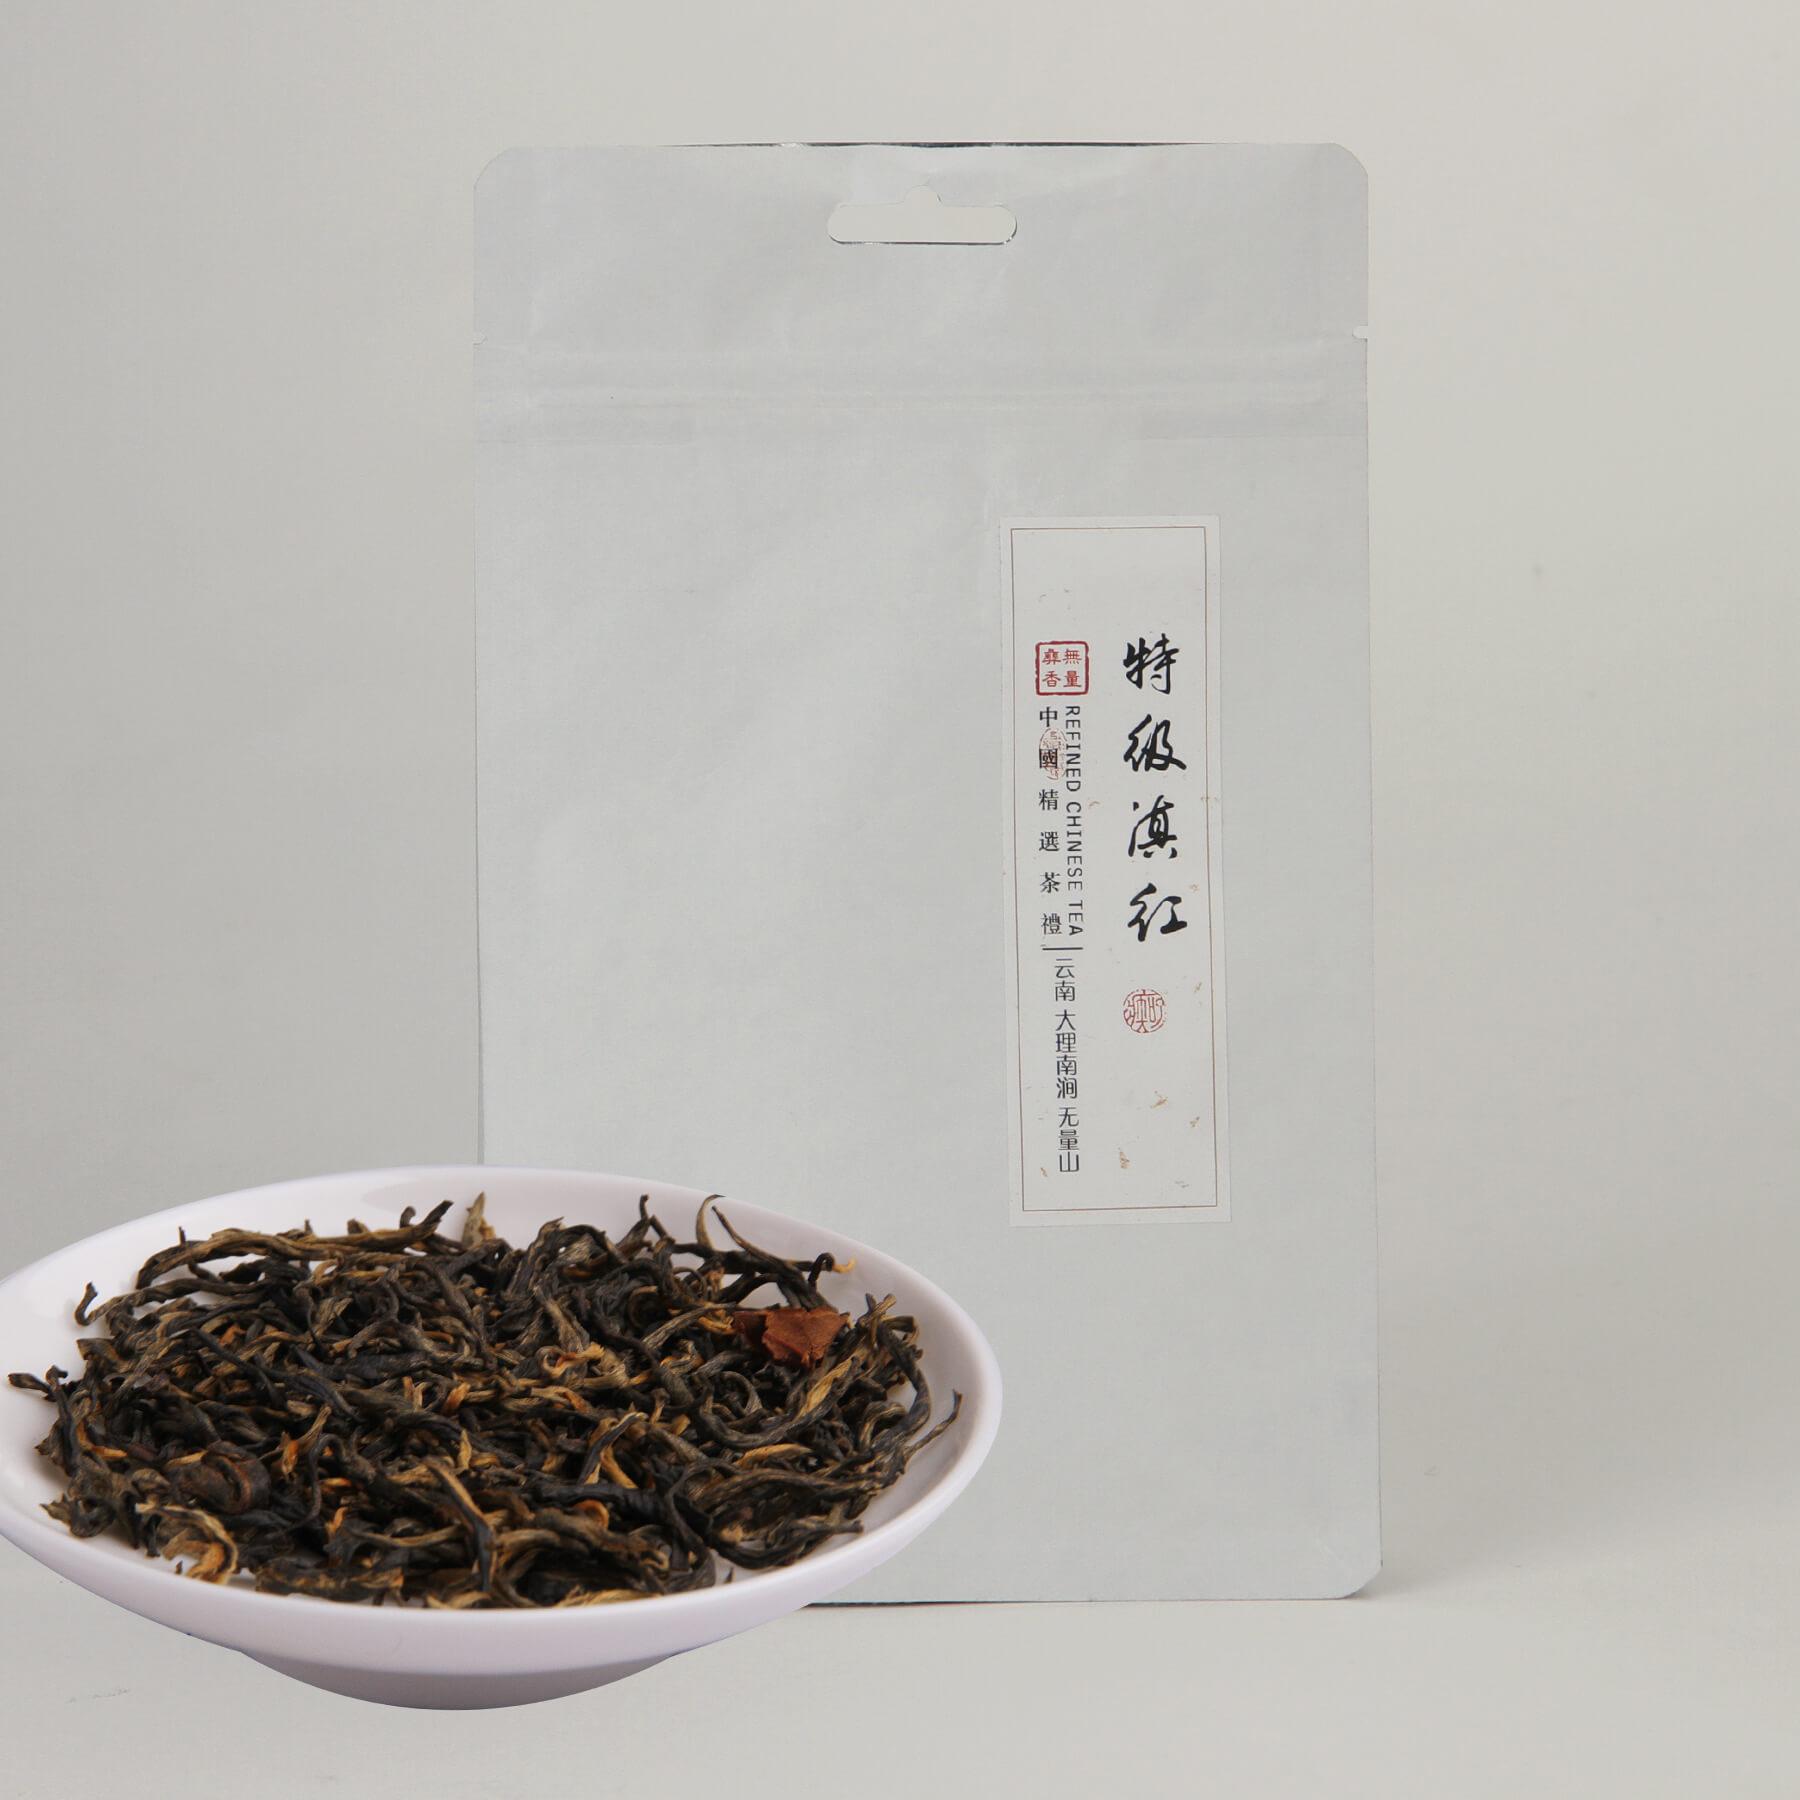 特级滇红(2016)红茶价格400元/斤